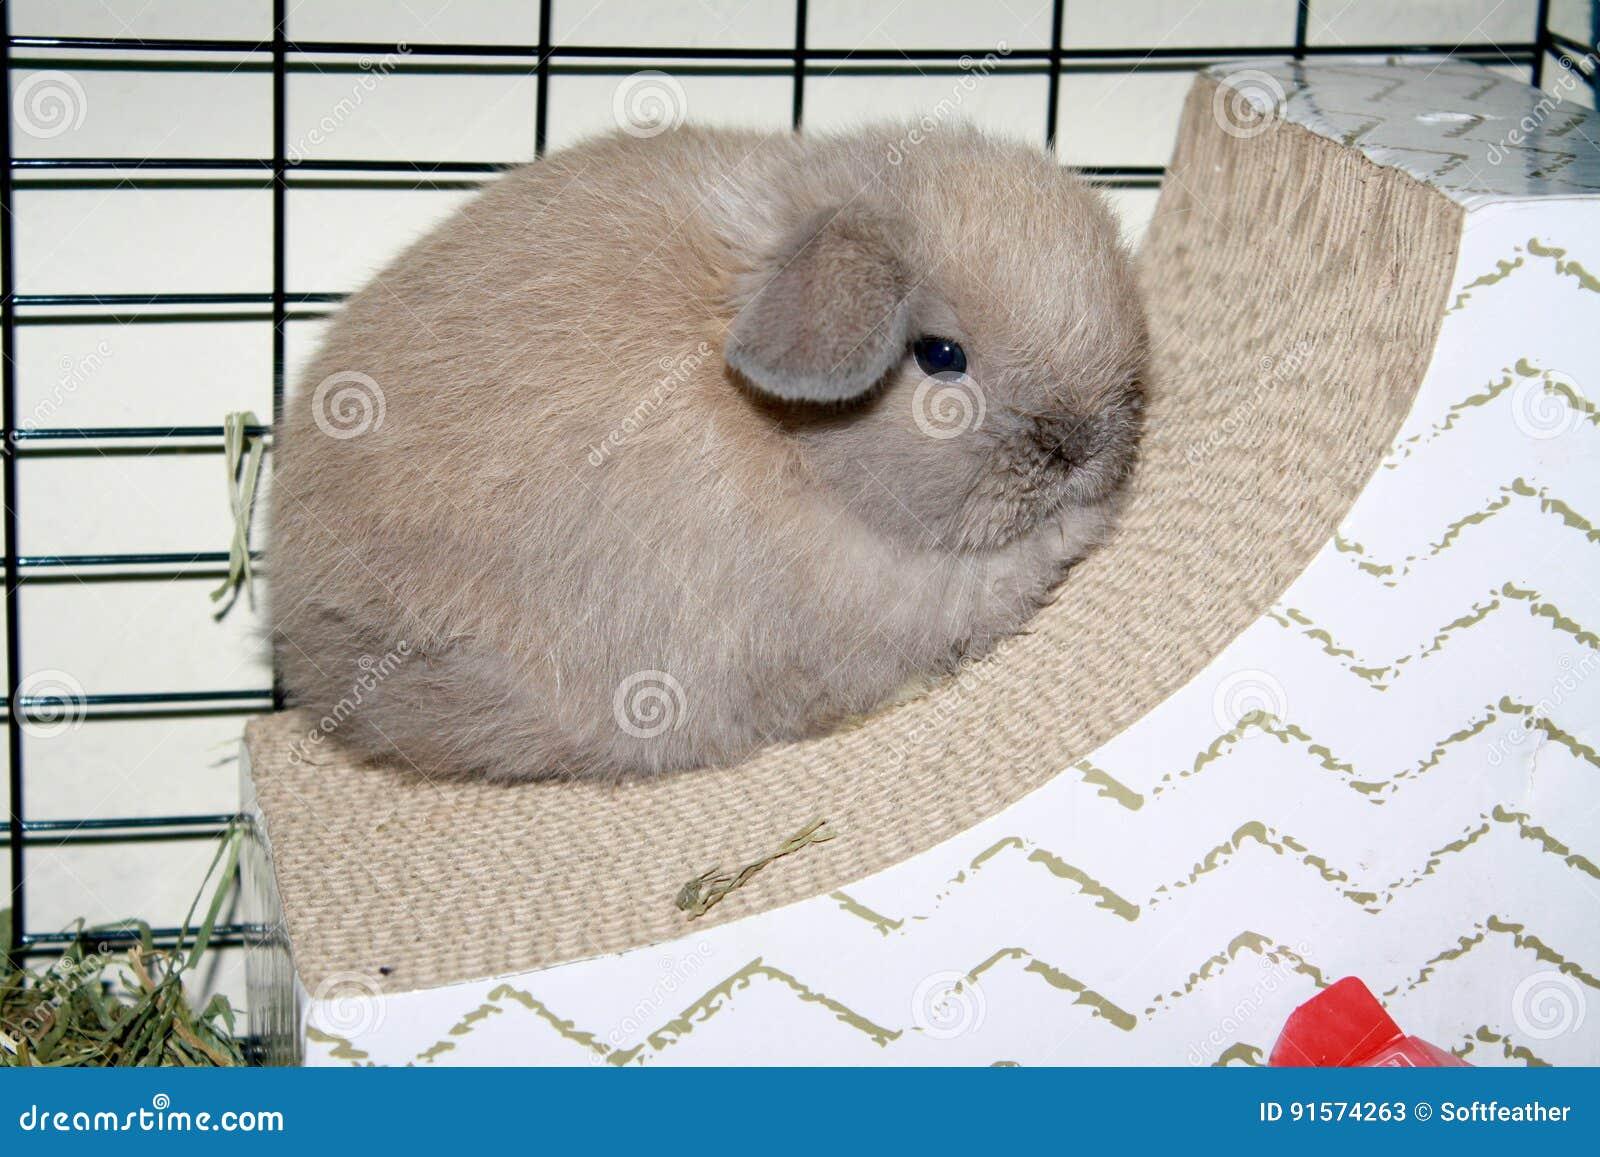 婴孩荷兰Lop小兔蓝色侵权行为颜色